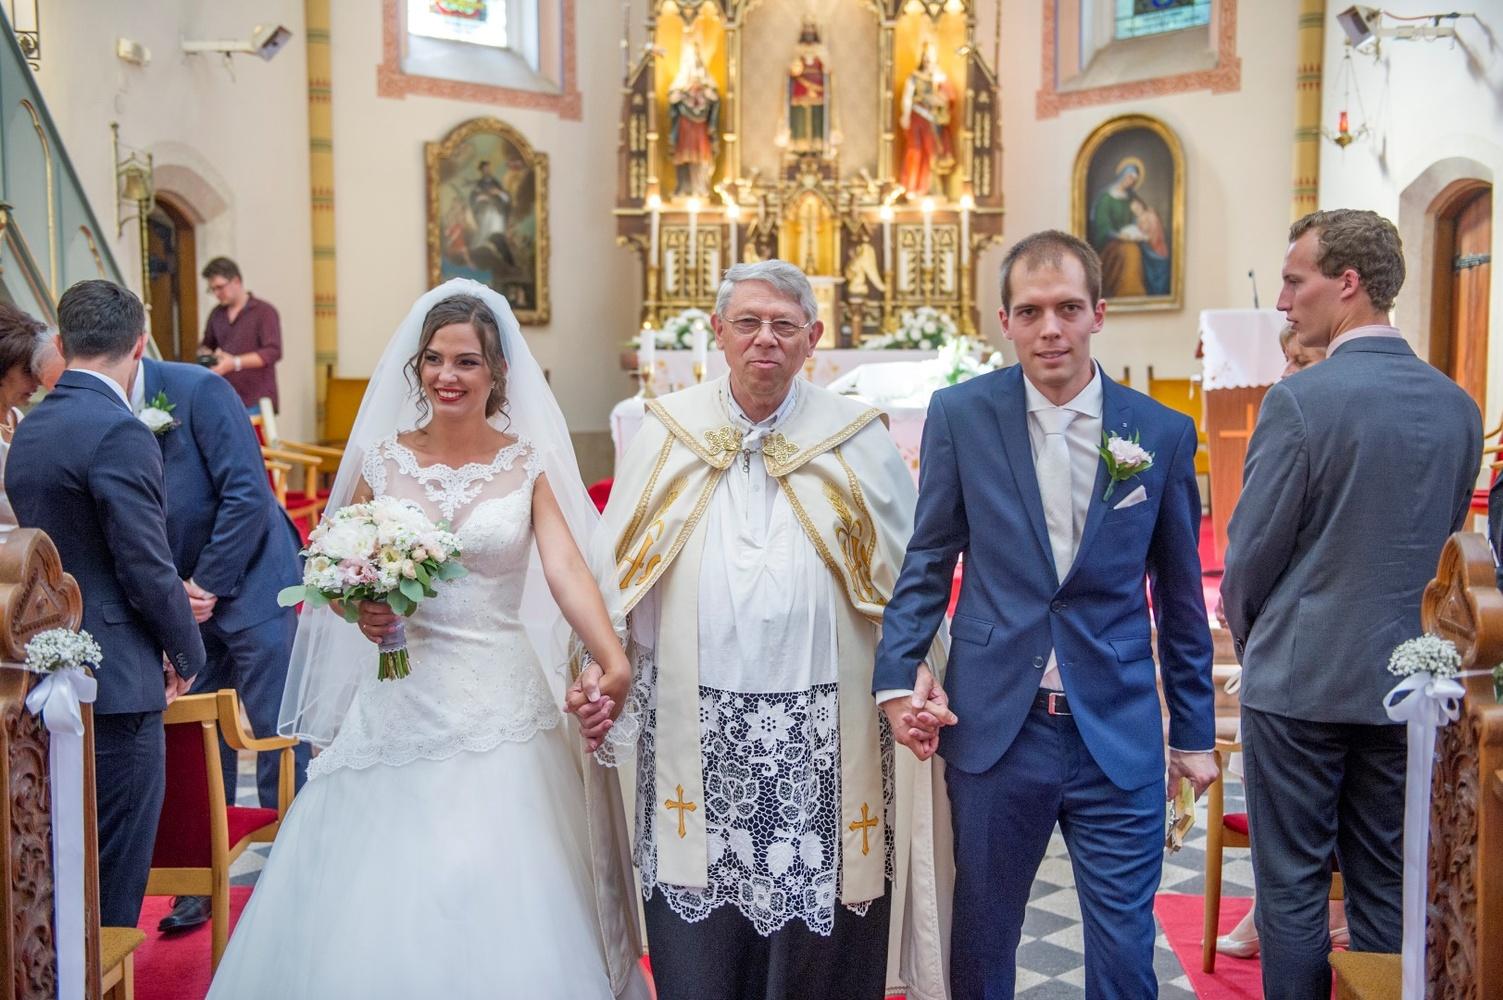 http://www.fotoz.sk/images/gallery-5/normal/eskuvo_rengo-bisztro_080.jpg